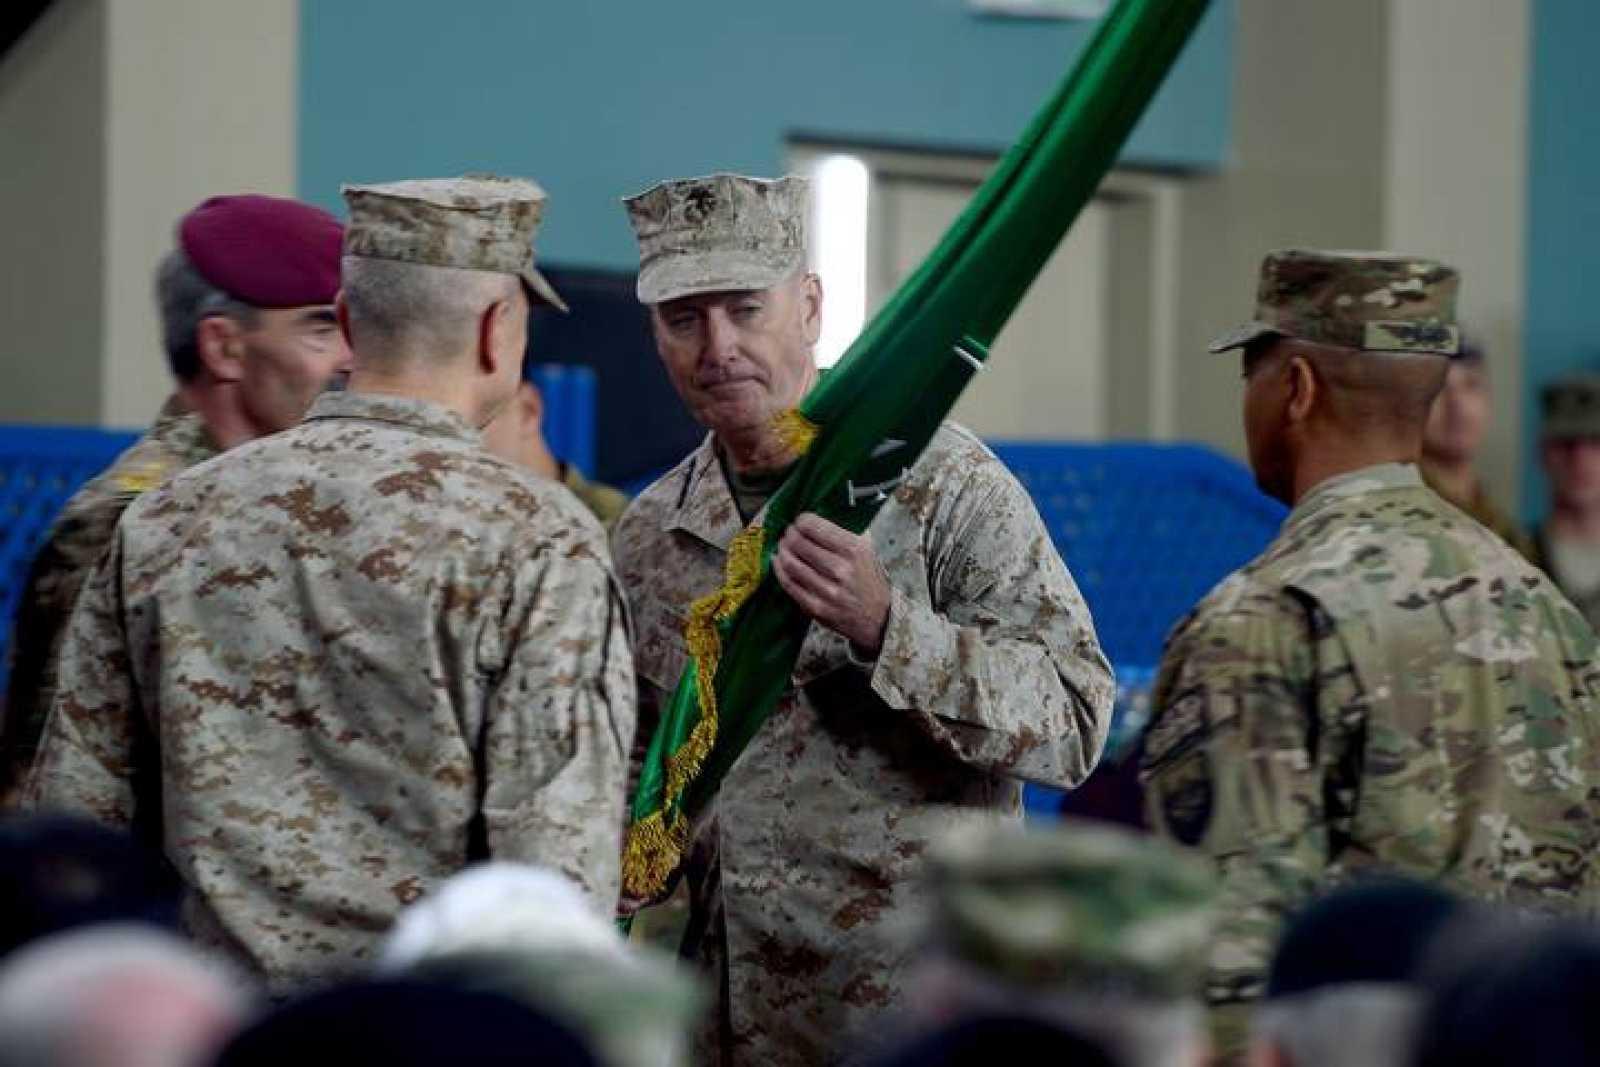 El general Joseph Dunford recibe una bandera durante la ceremonia de traspaso de poderes al mando de la ISAF en Kabul